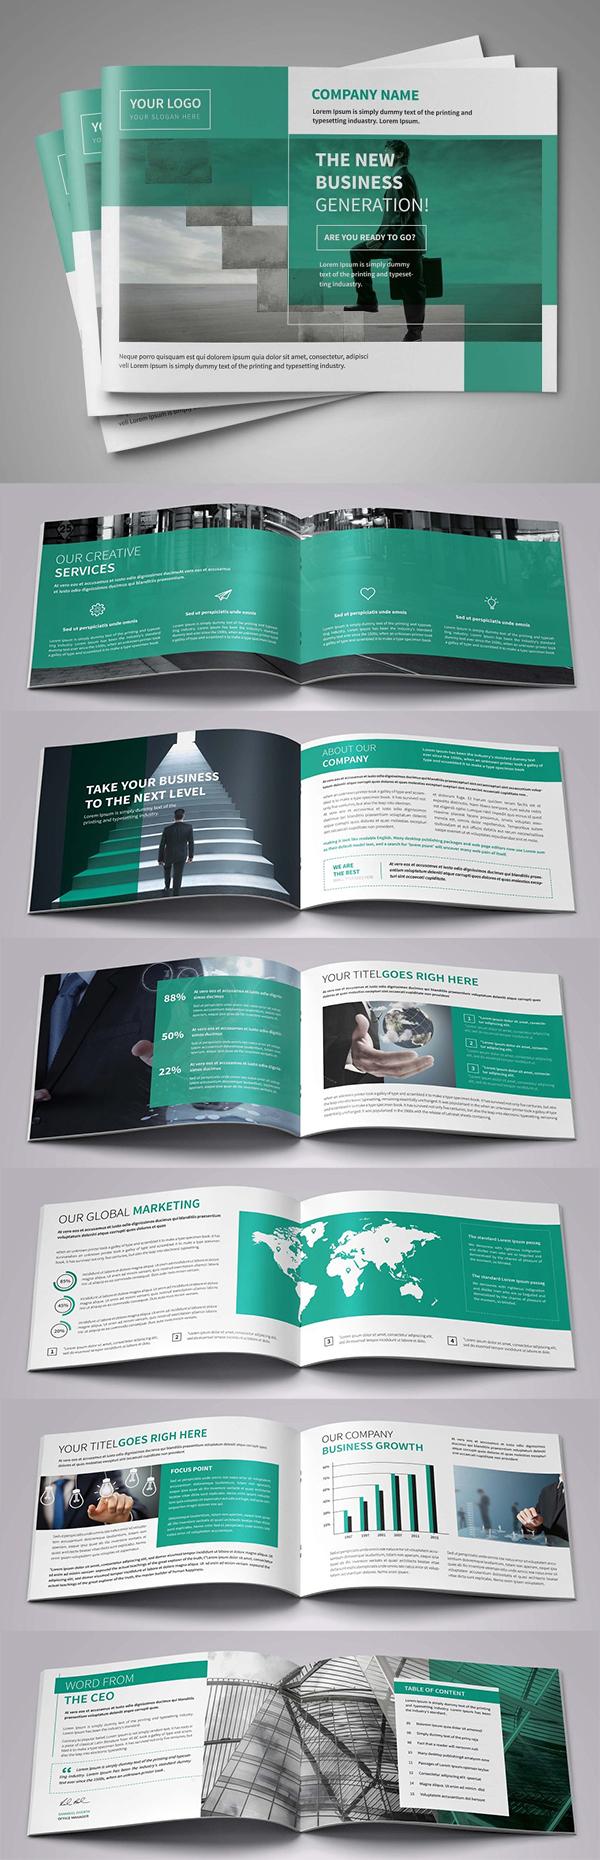 A5 Impresionante folletos profesionales comercial